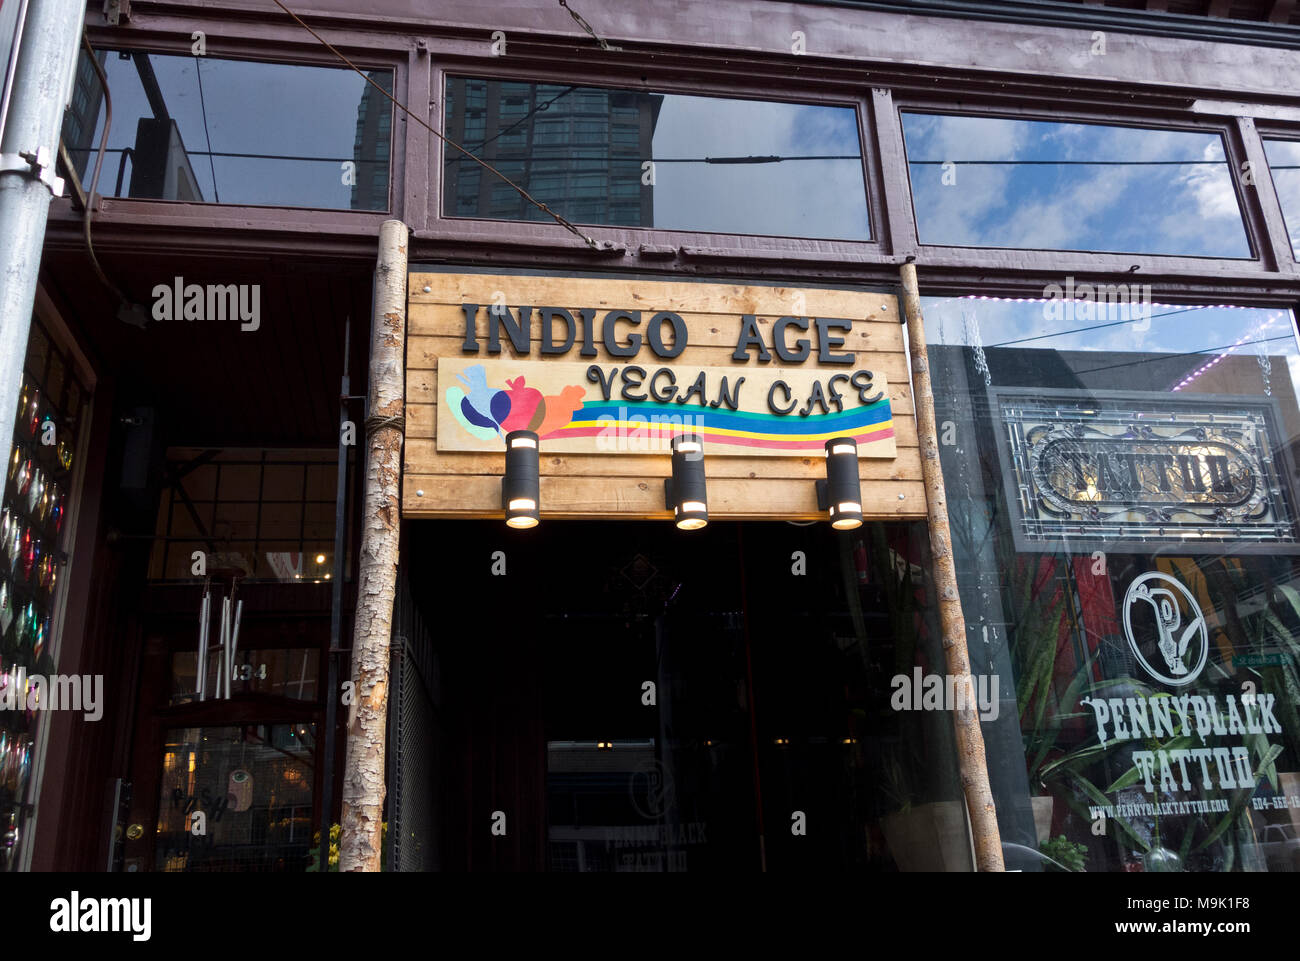 Eingangsschild für Indigo Alter Veganes Cafe, ein veganes Restaurant in der Innenstadt von Vancouver. Stockbild